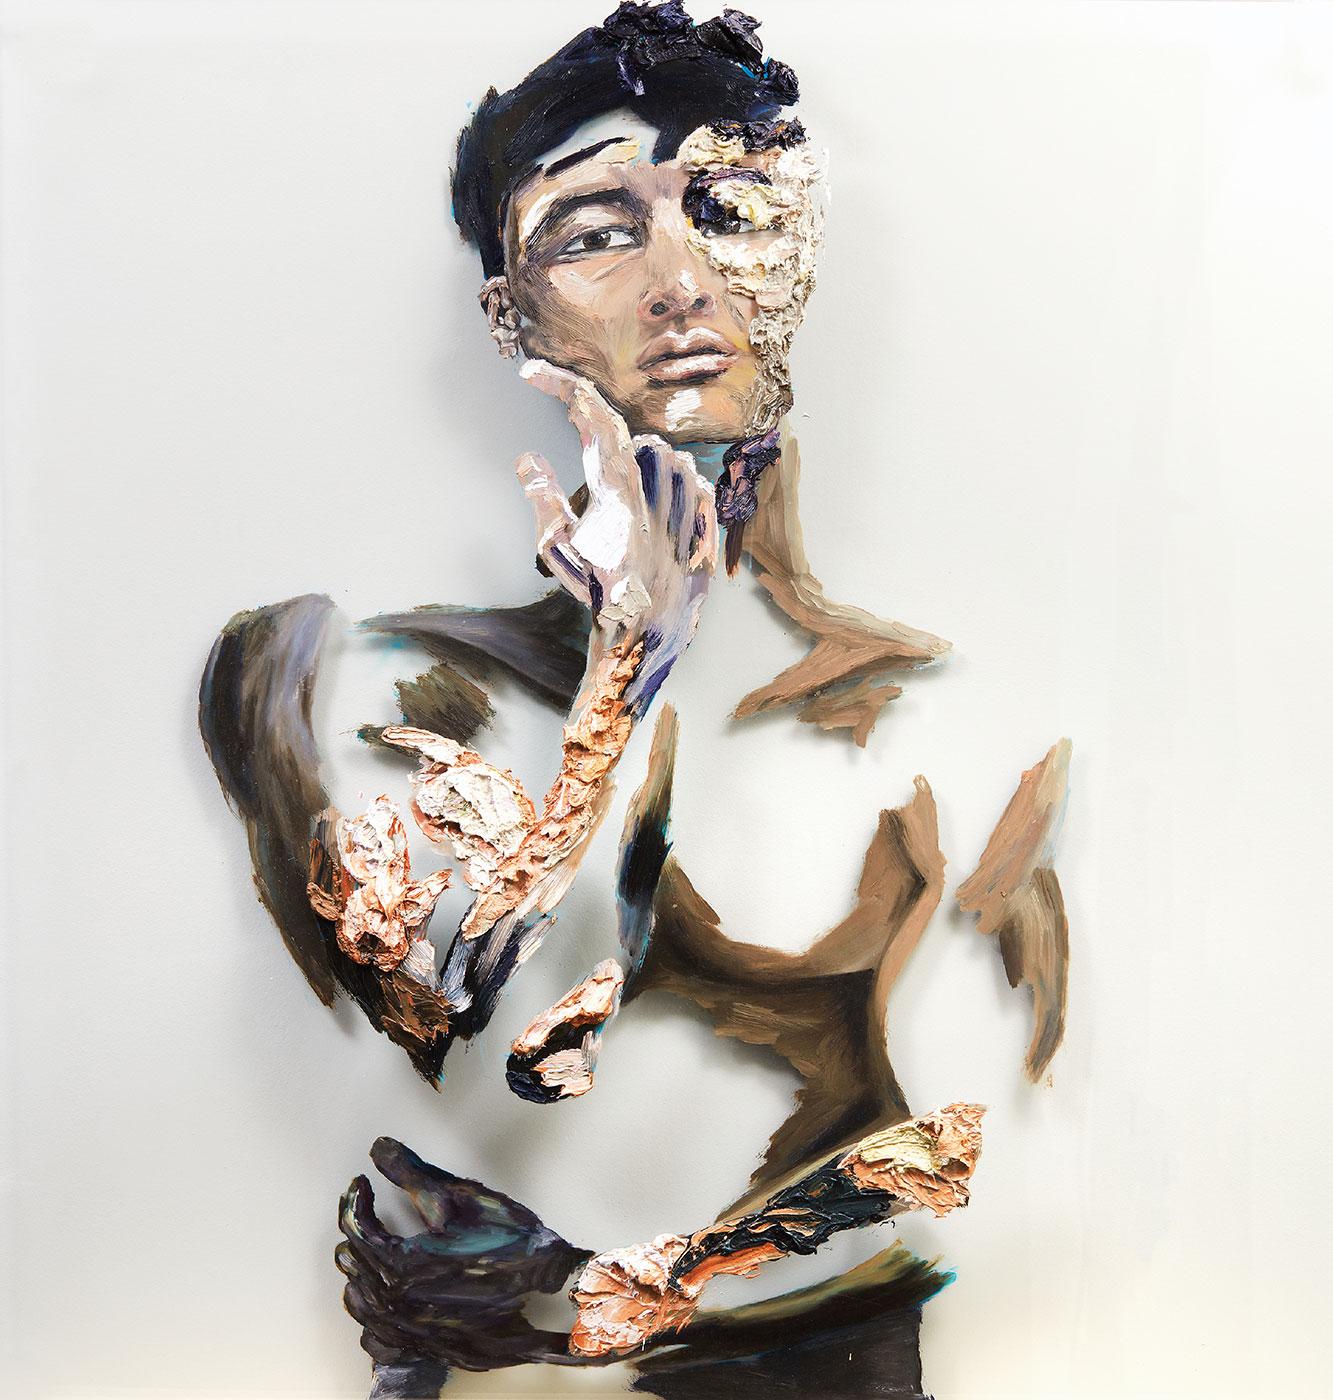 Jonathan J. Fong - Untitled Asian Male